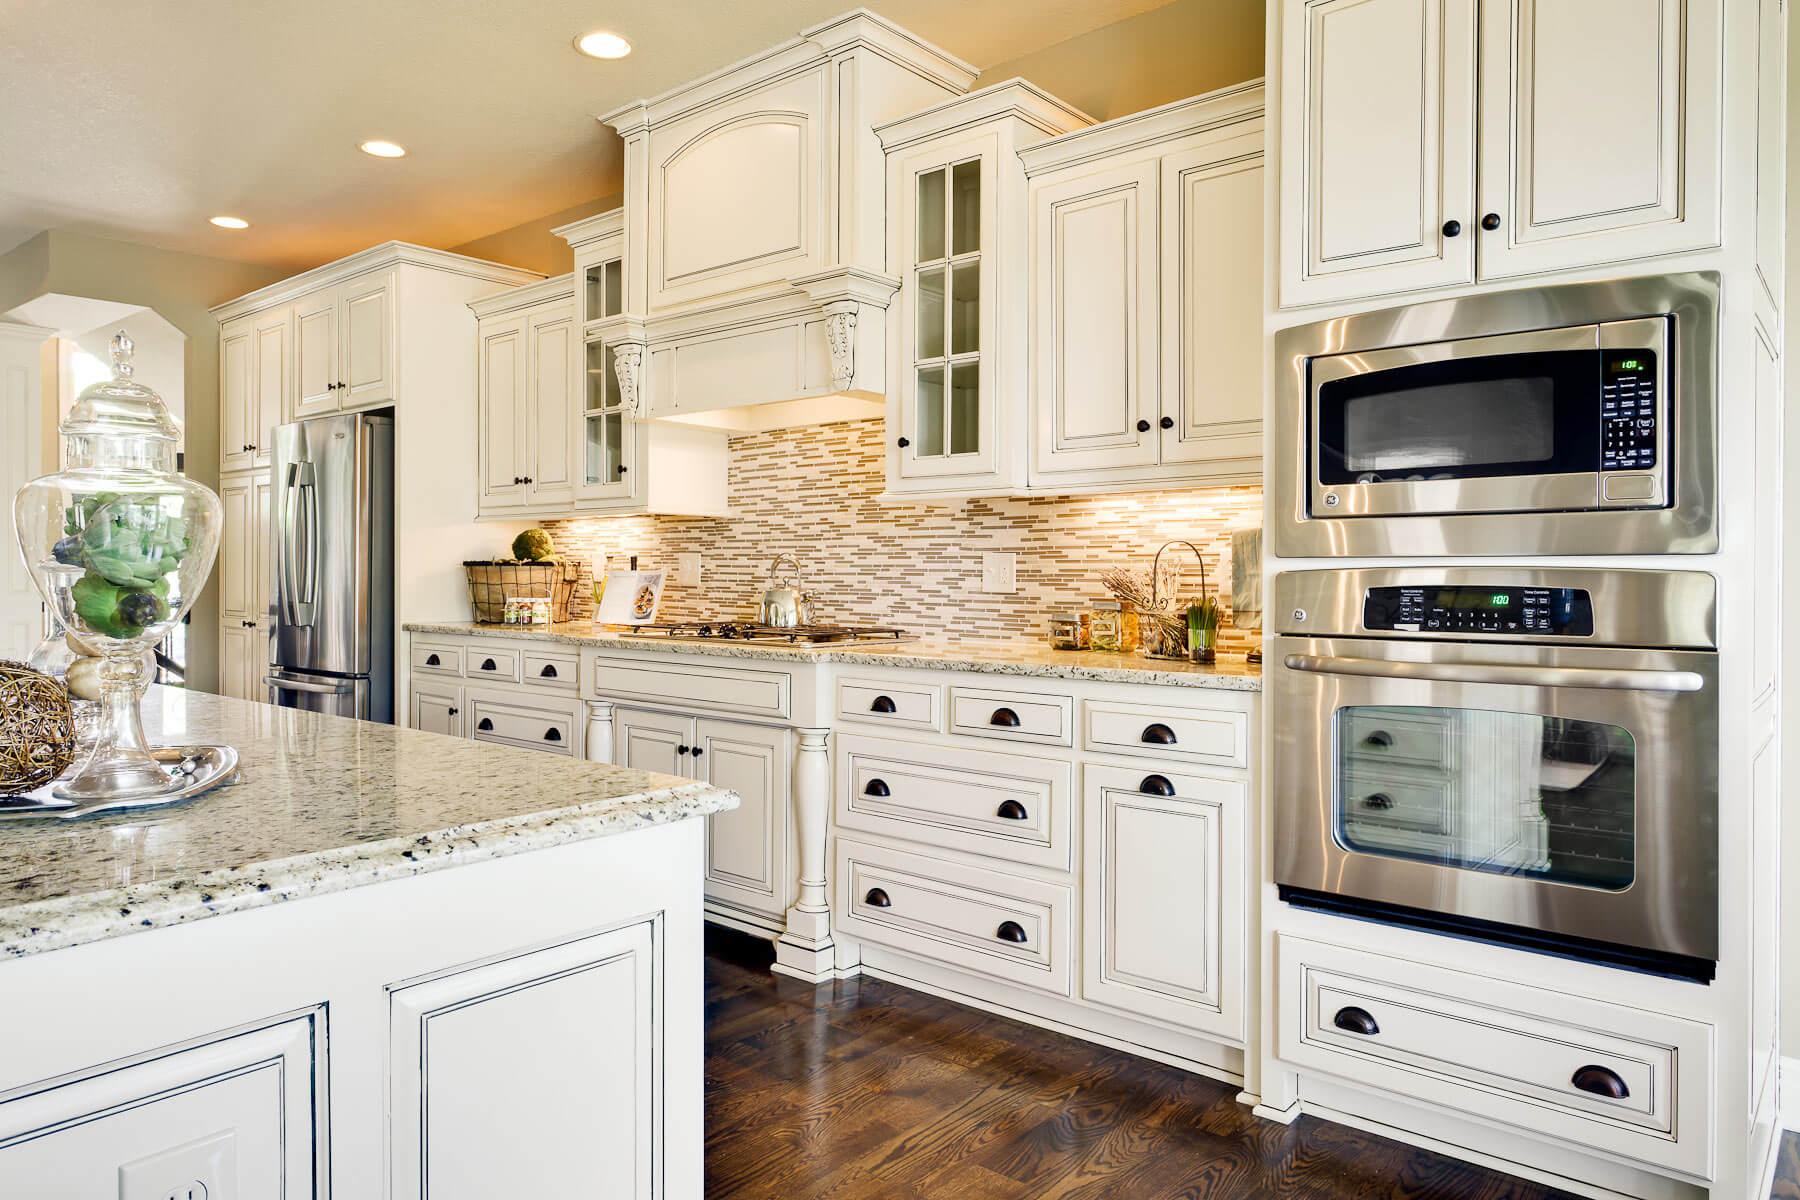 Kitchen Stove Small White Quartz Backsplash